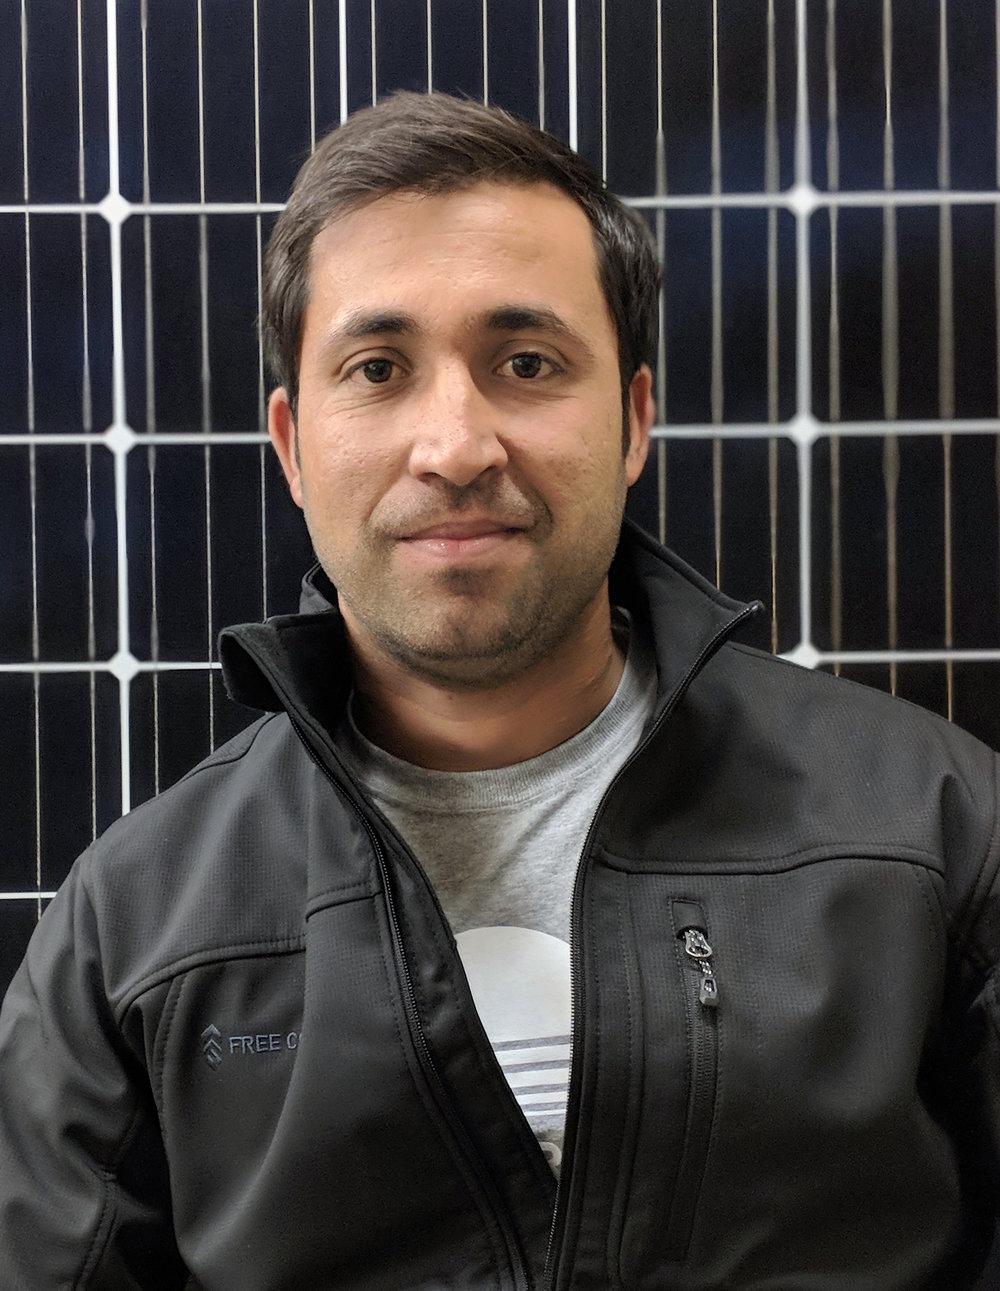 Waheed Asmati, Construction Engineer & Solar Installer